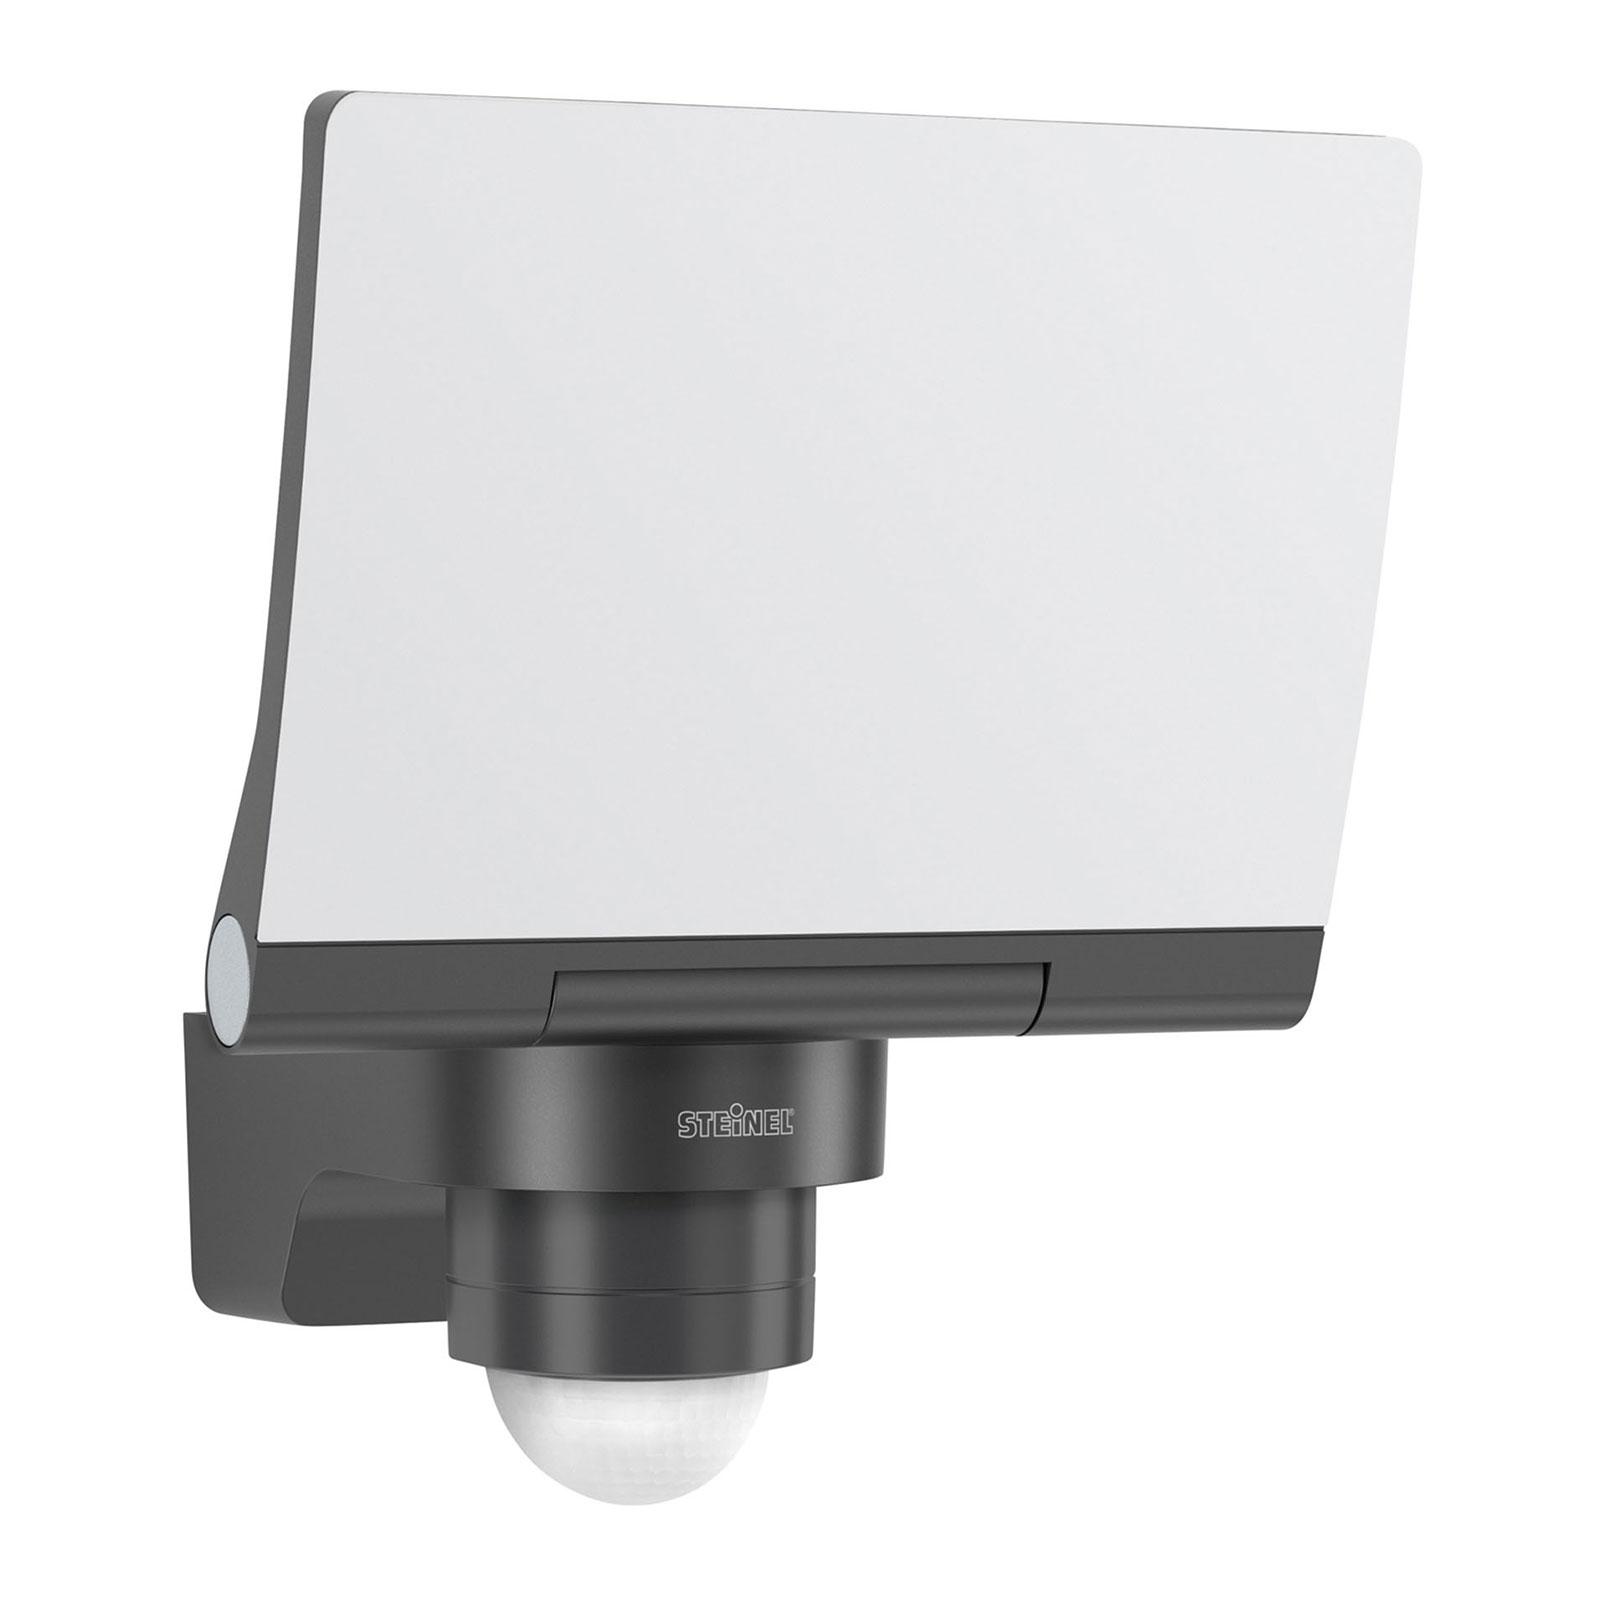 STEINEL XLED Pro240 faretto sensore antracite